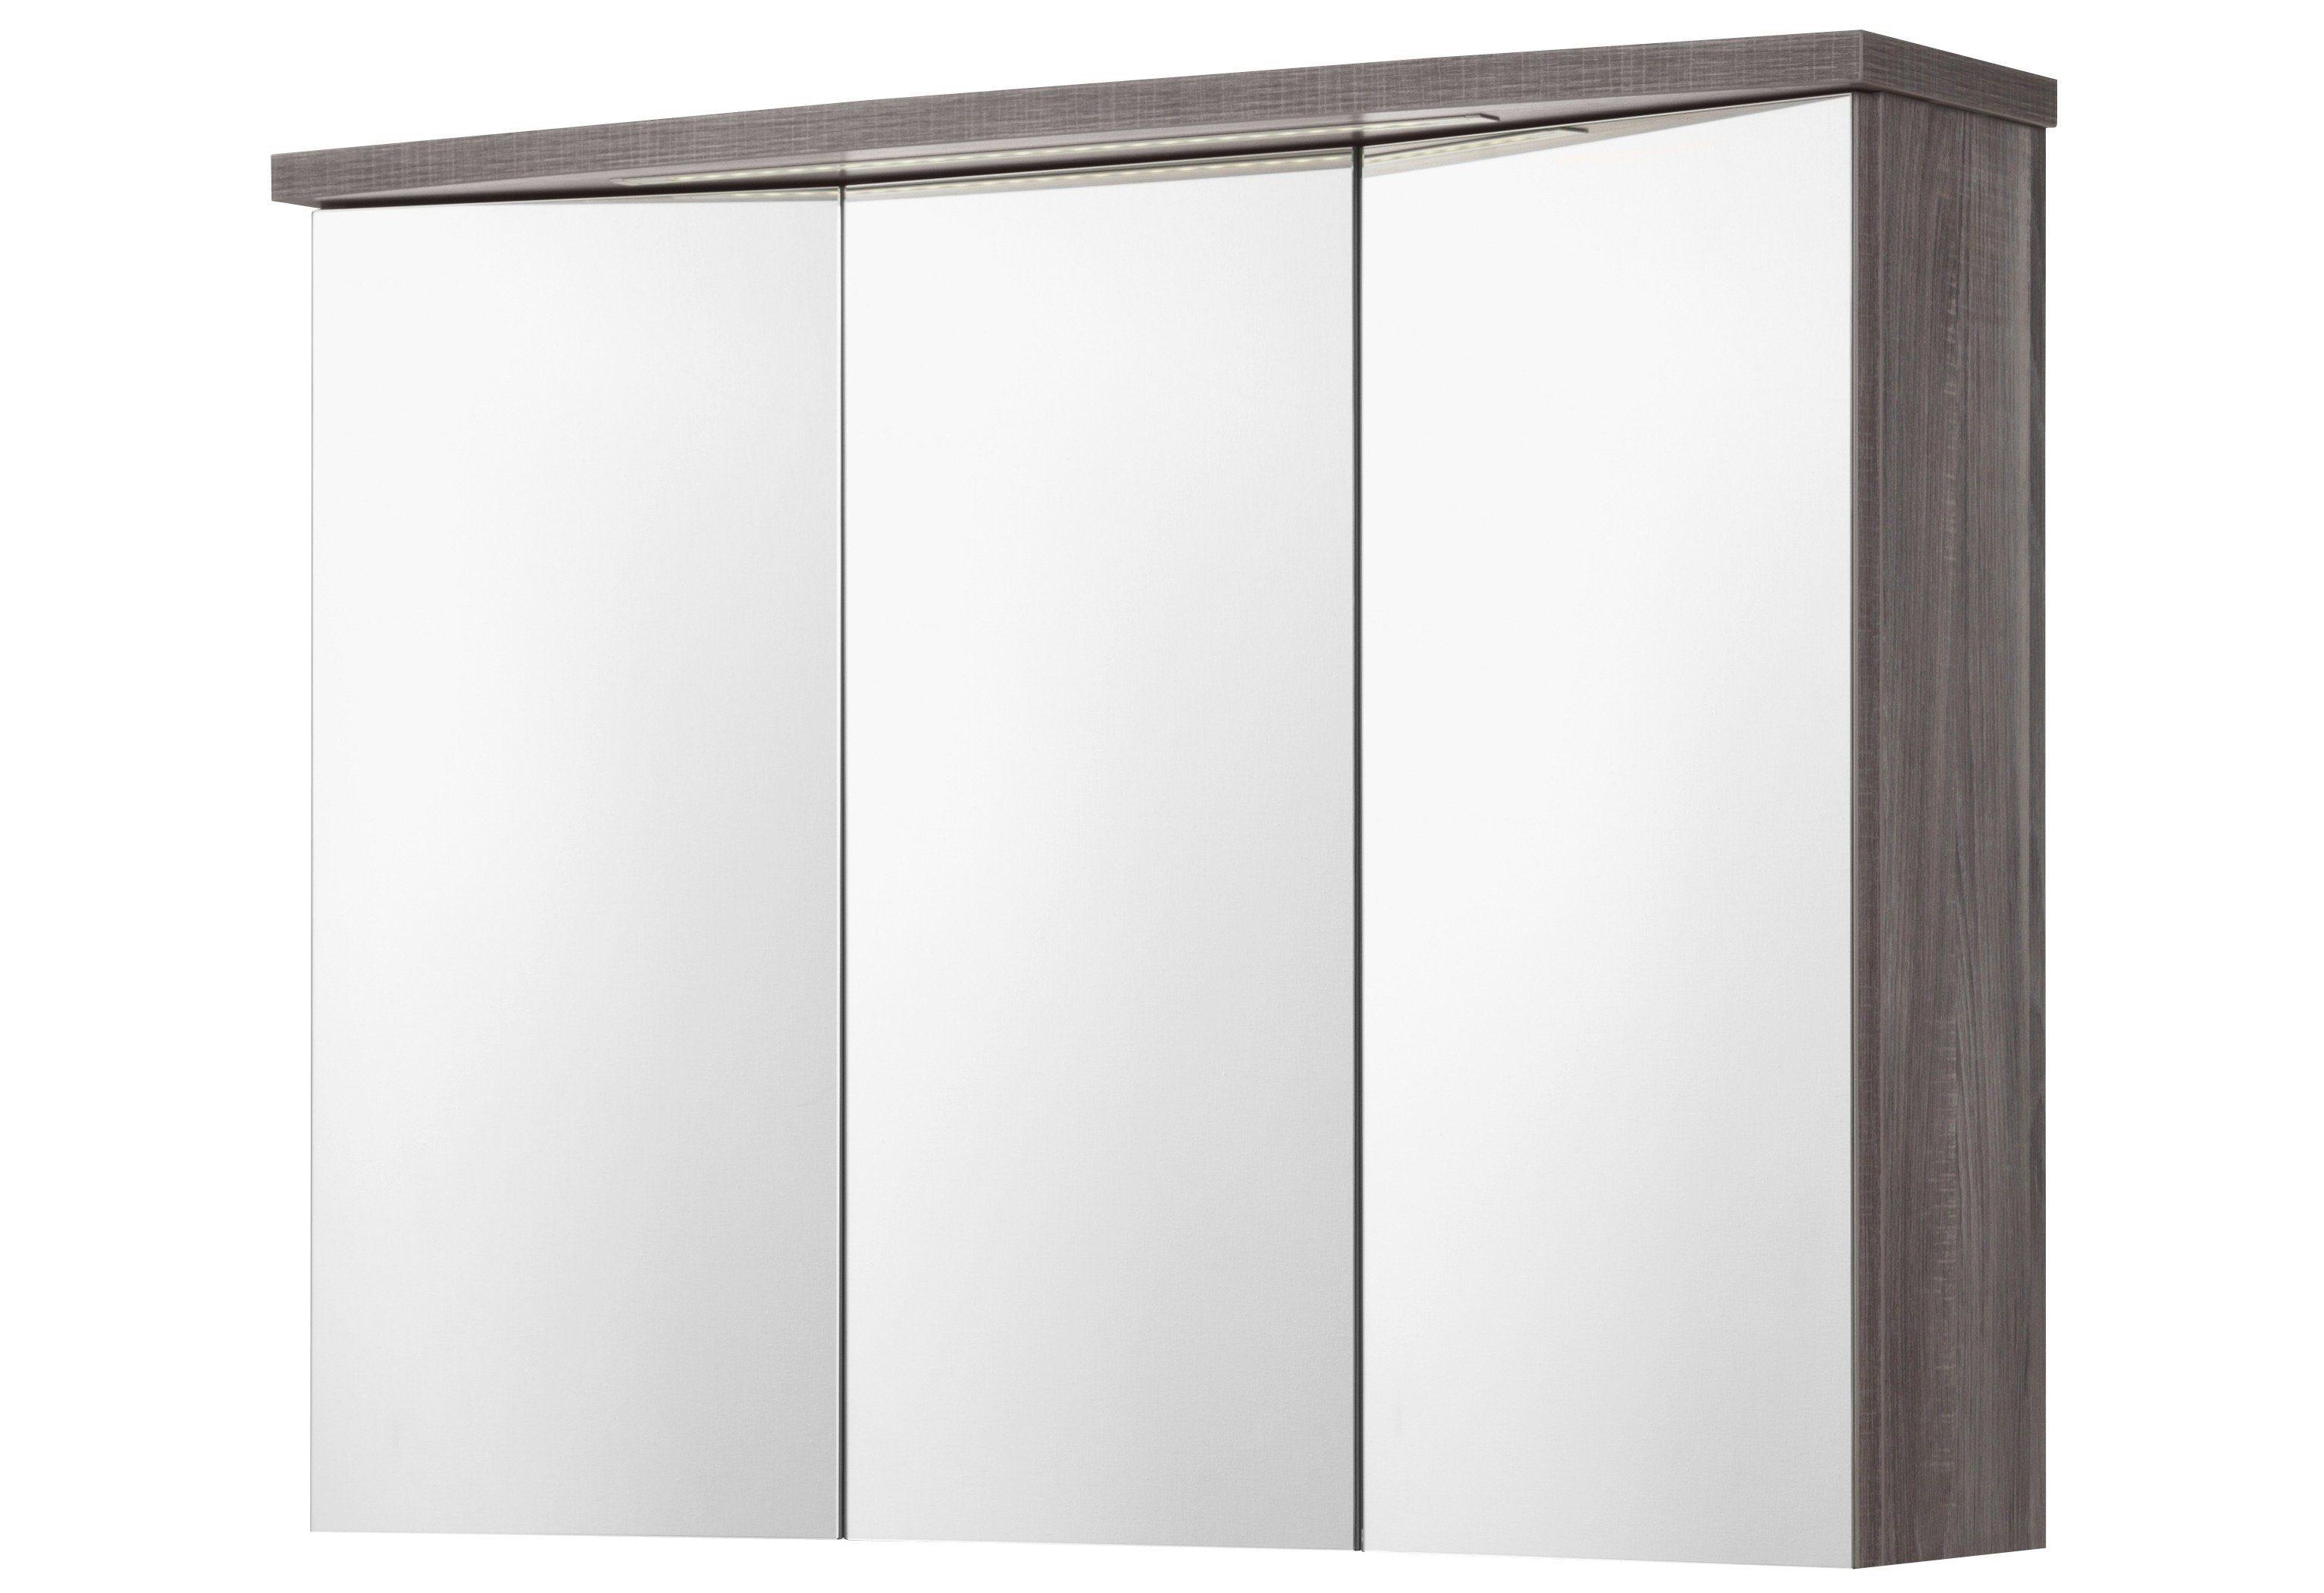 Schildmeyer Spiegelschrank »Calla« Breite 90 cm, mit LED-Beleuchtung